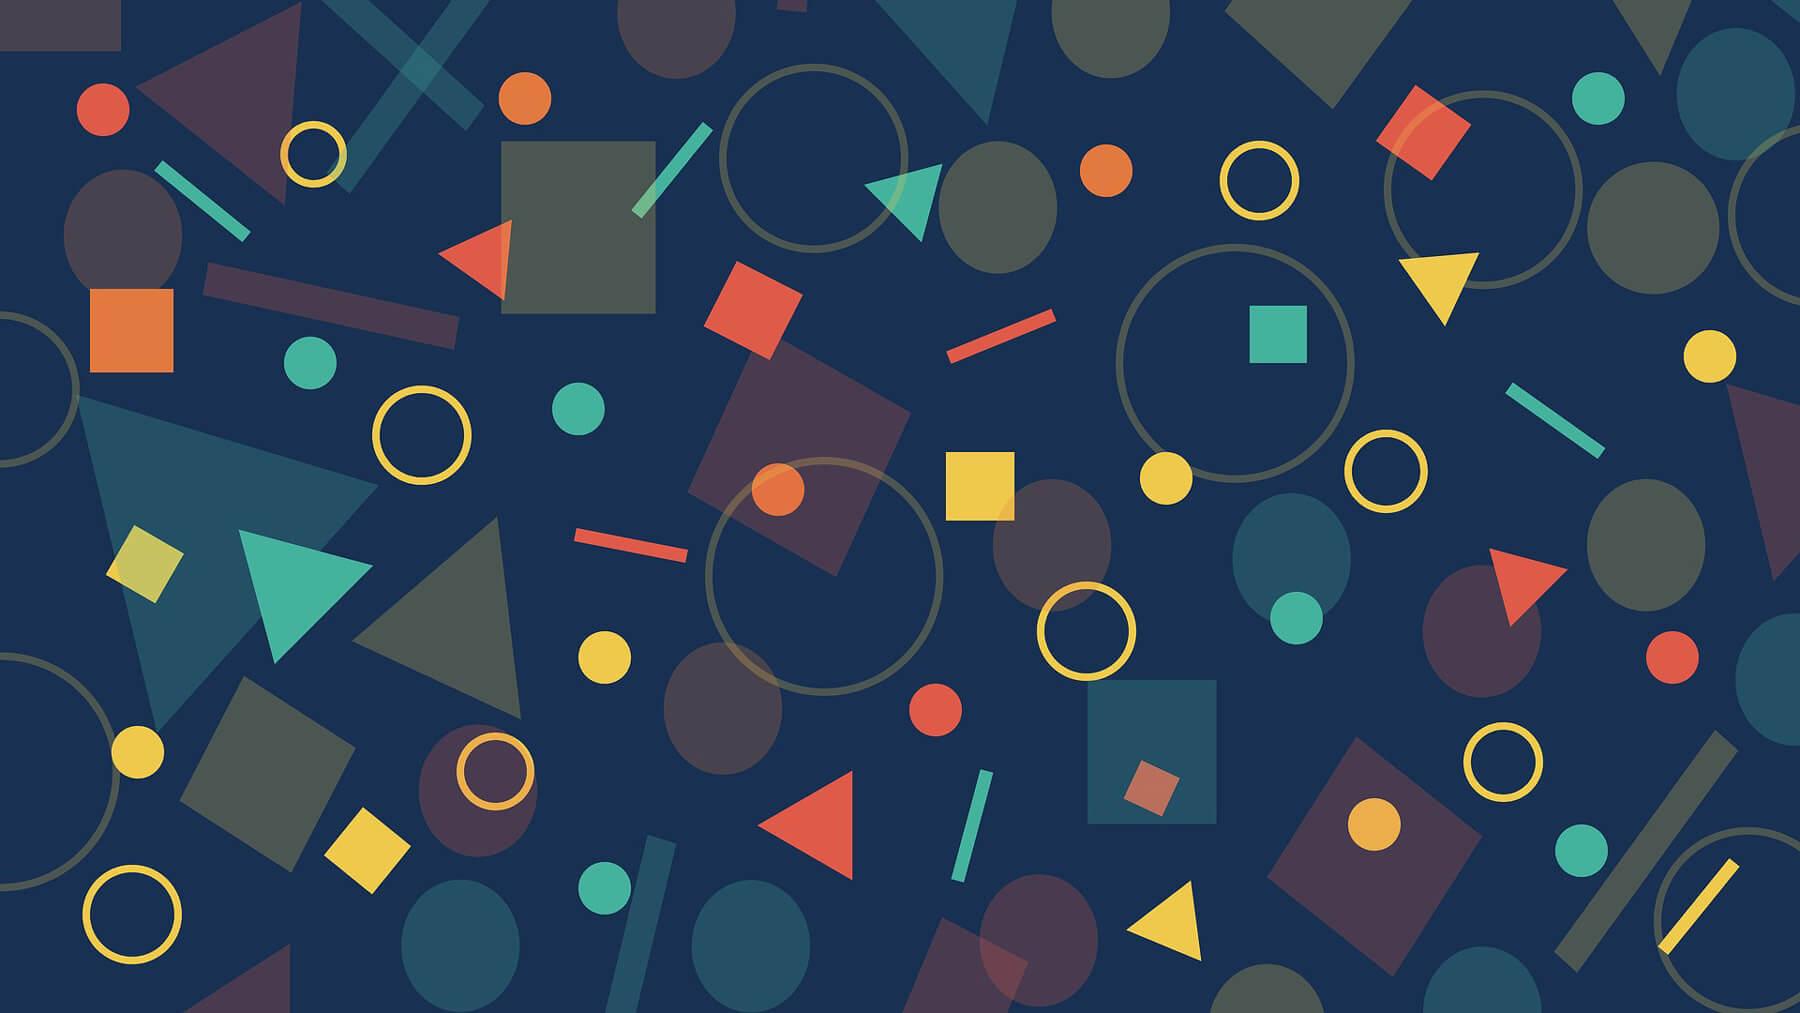 Die 10 aktuellen Webdesign-Trends 2019 für WordPress & Co.